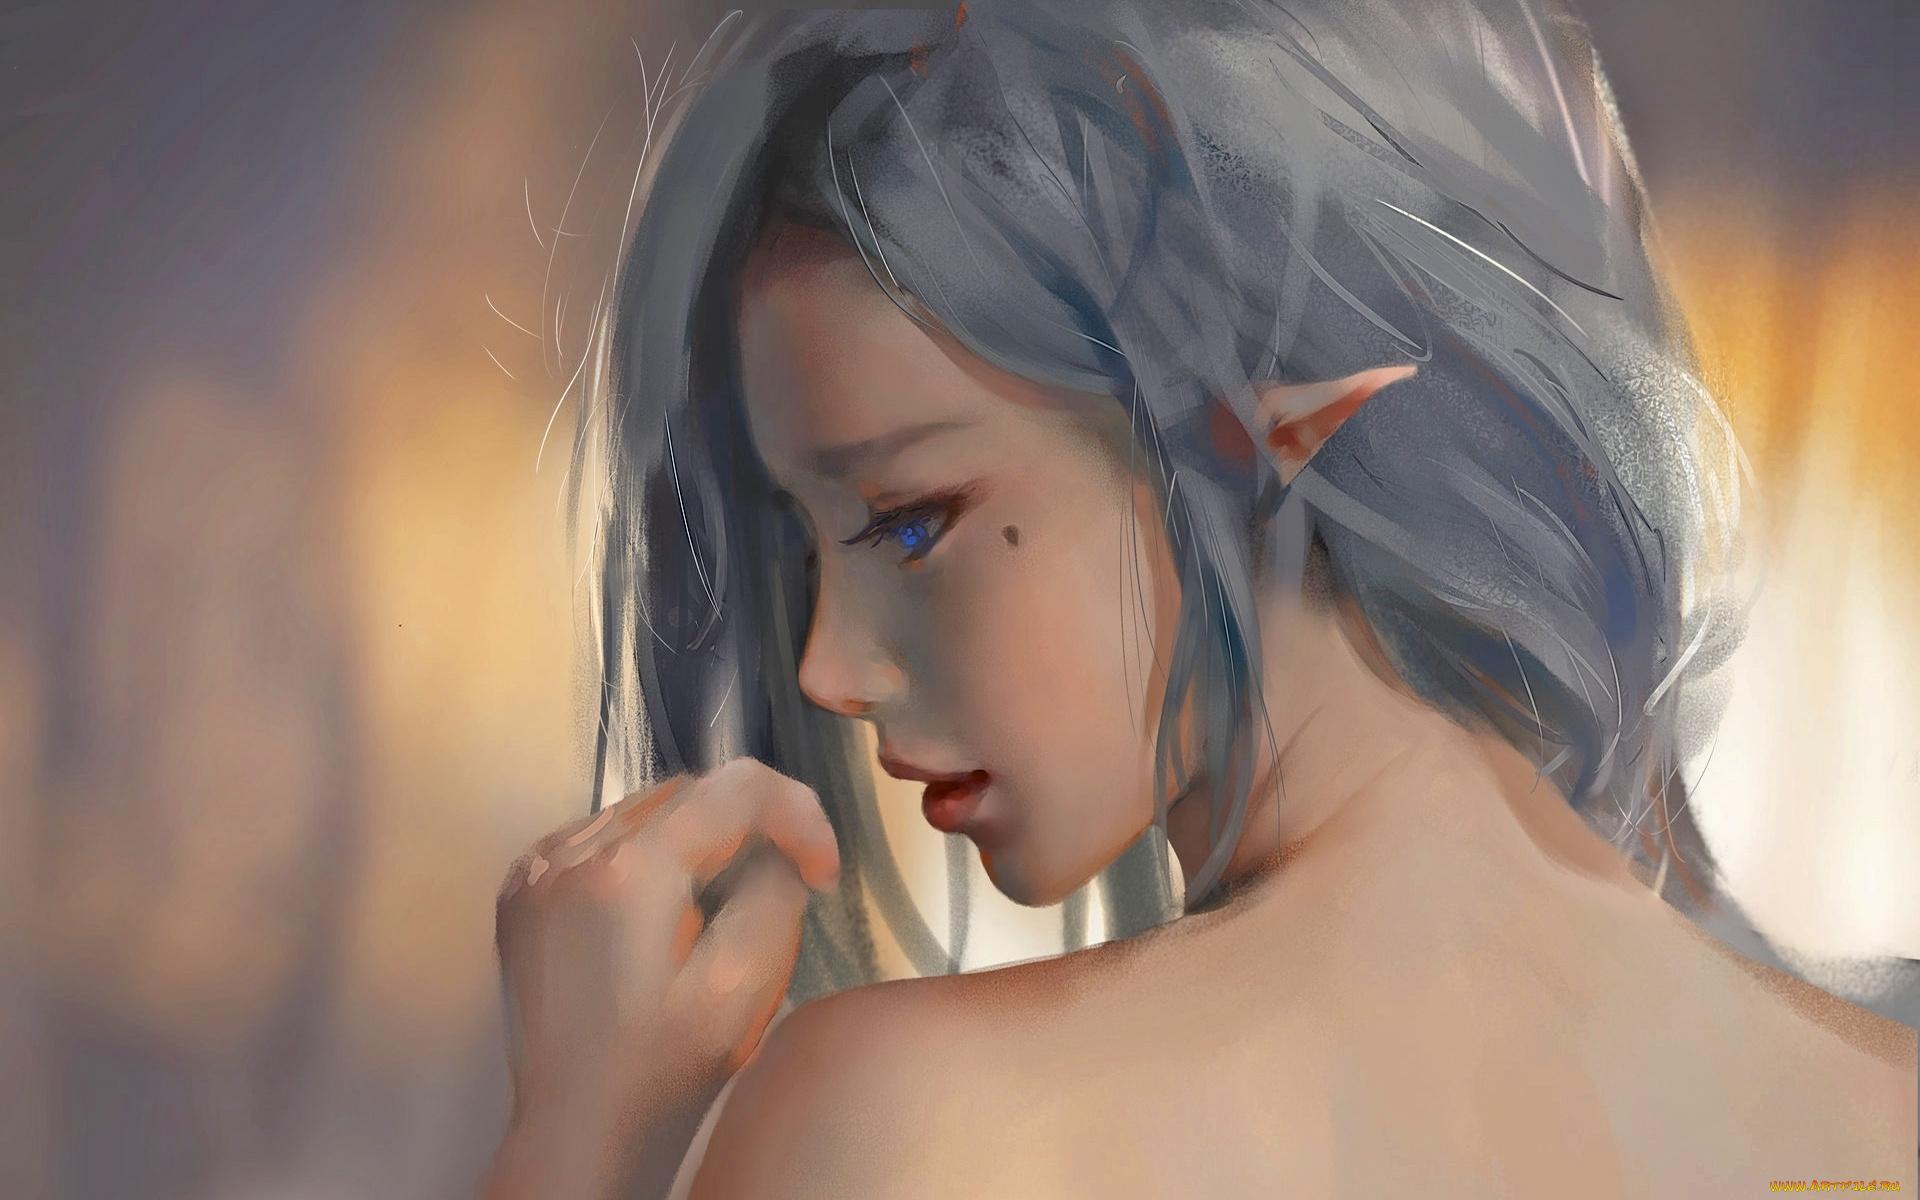 Картинках, грустные и красивые картинки с эльфийскими девушками